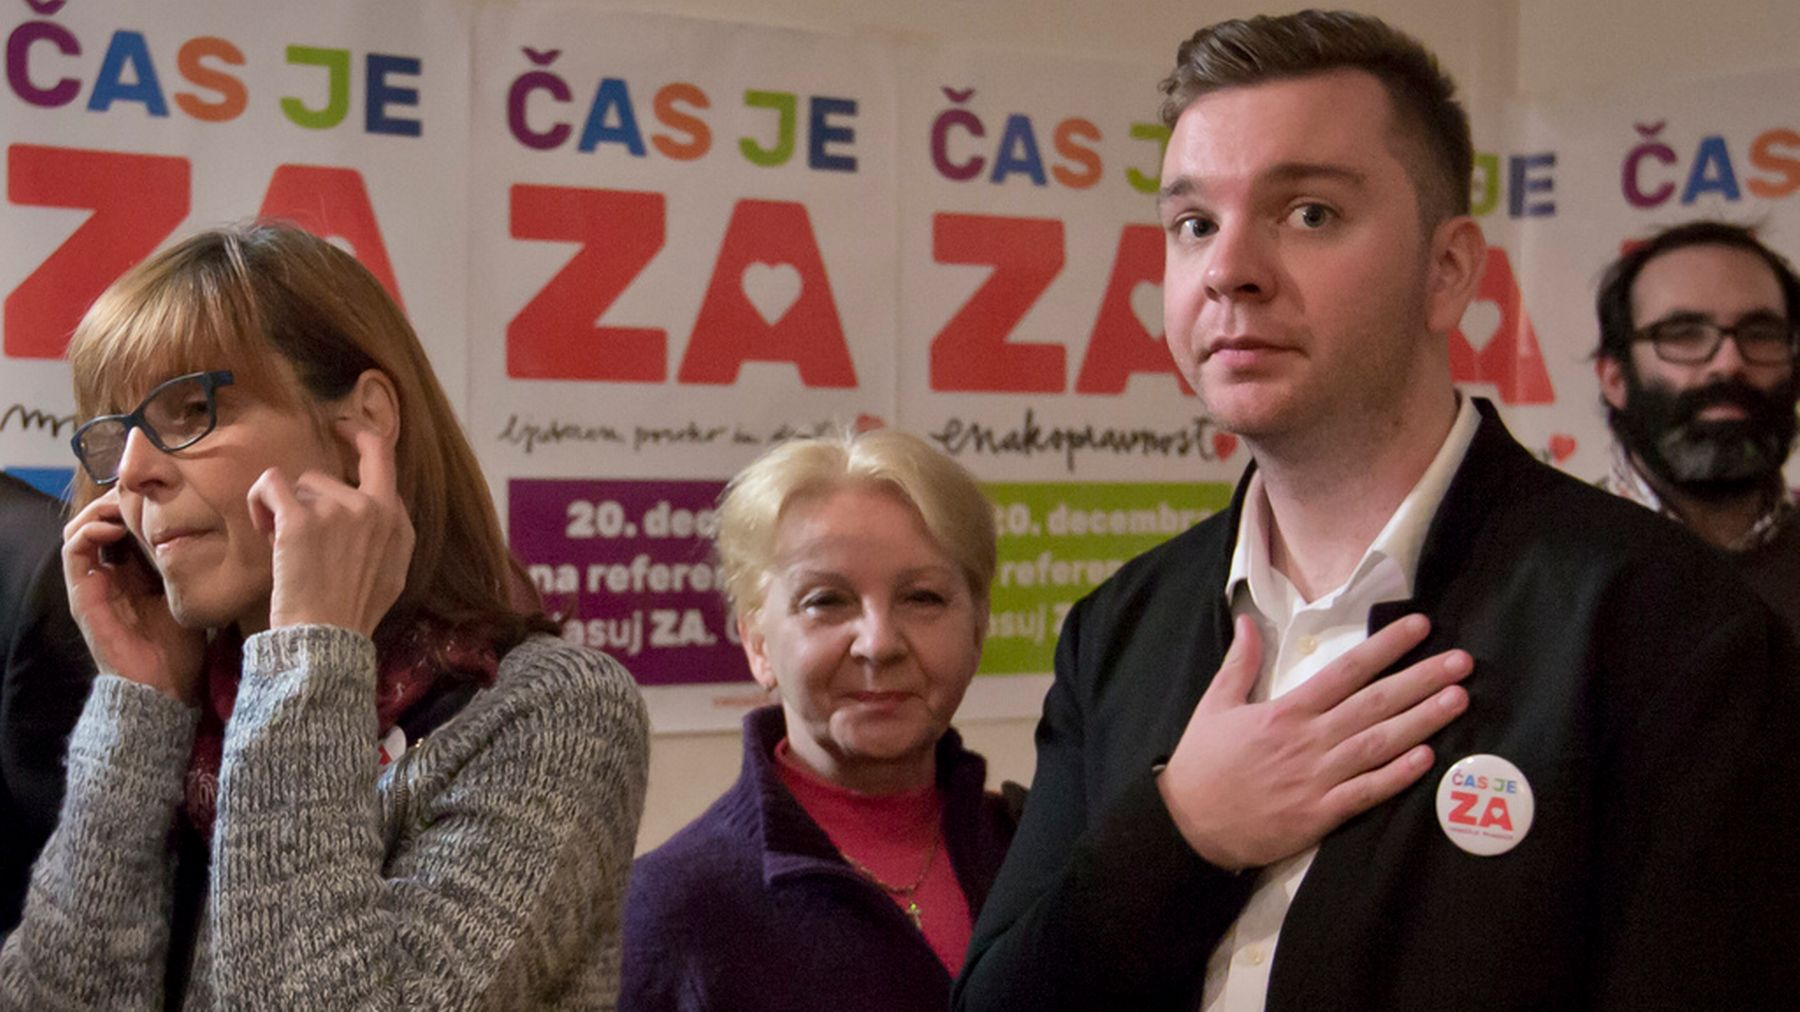 La Slovénie rejette par référendum la loi autorisant le mariage et l'adoption pour les couples de même sexe